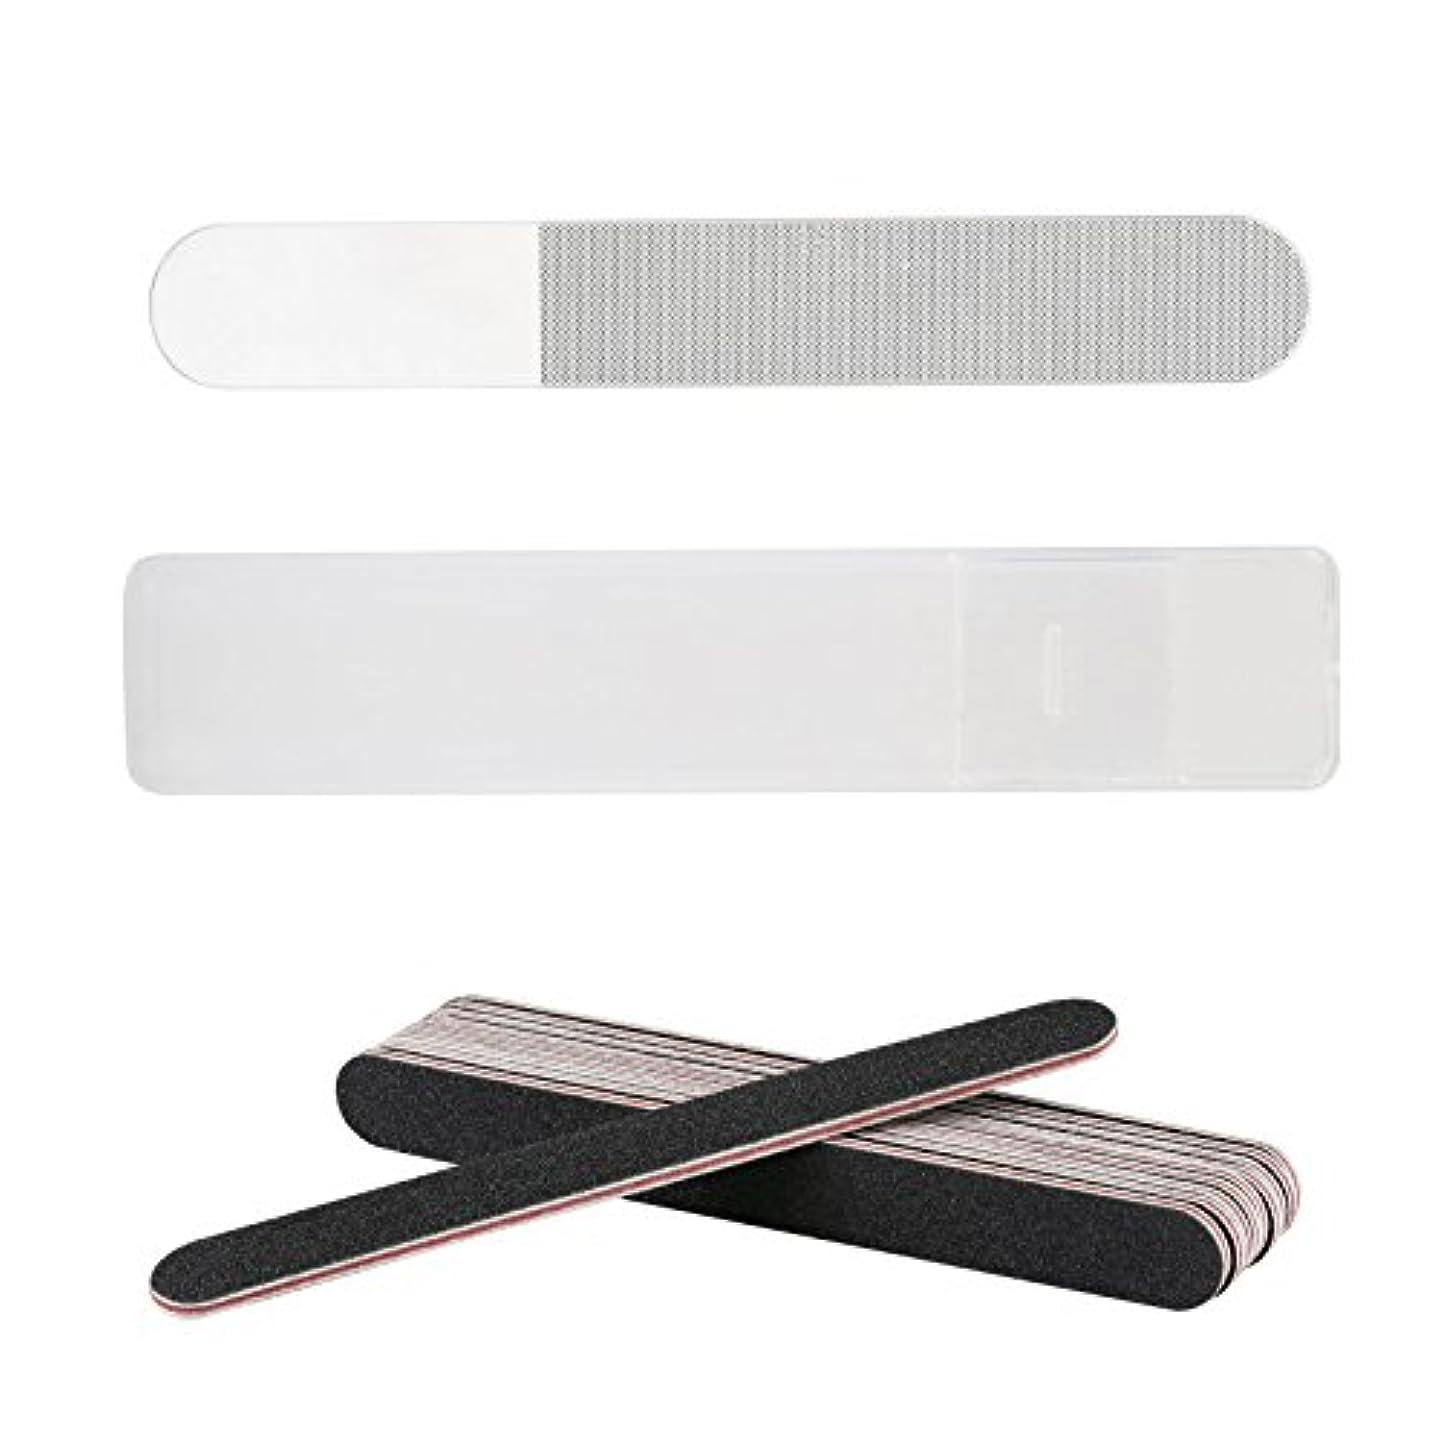 タイルカートリッジできるLIHAO 爪やすり ガラス製 爪磨き ネイルシャイナー ネイルファイル ケース付き 11個セット